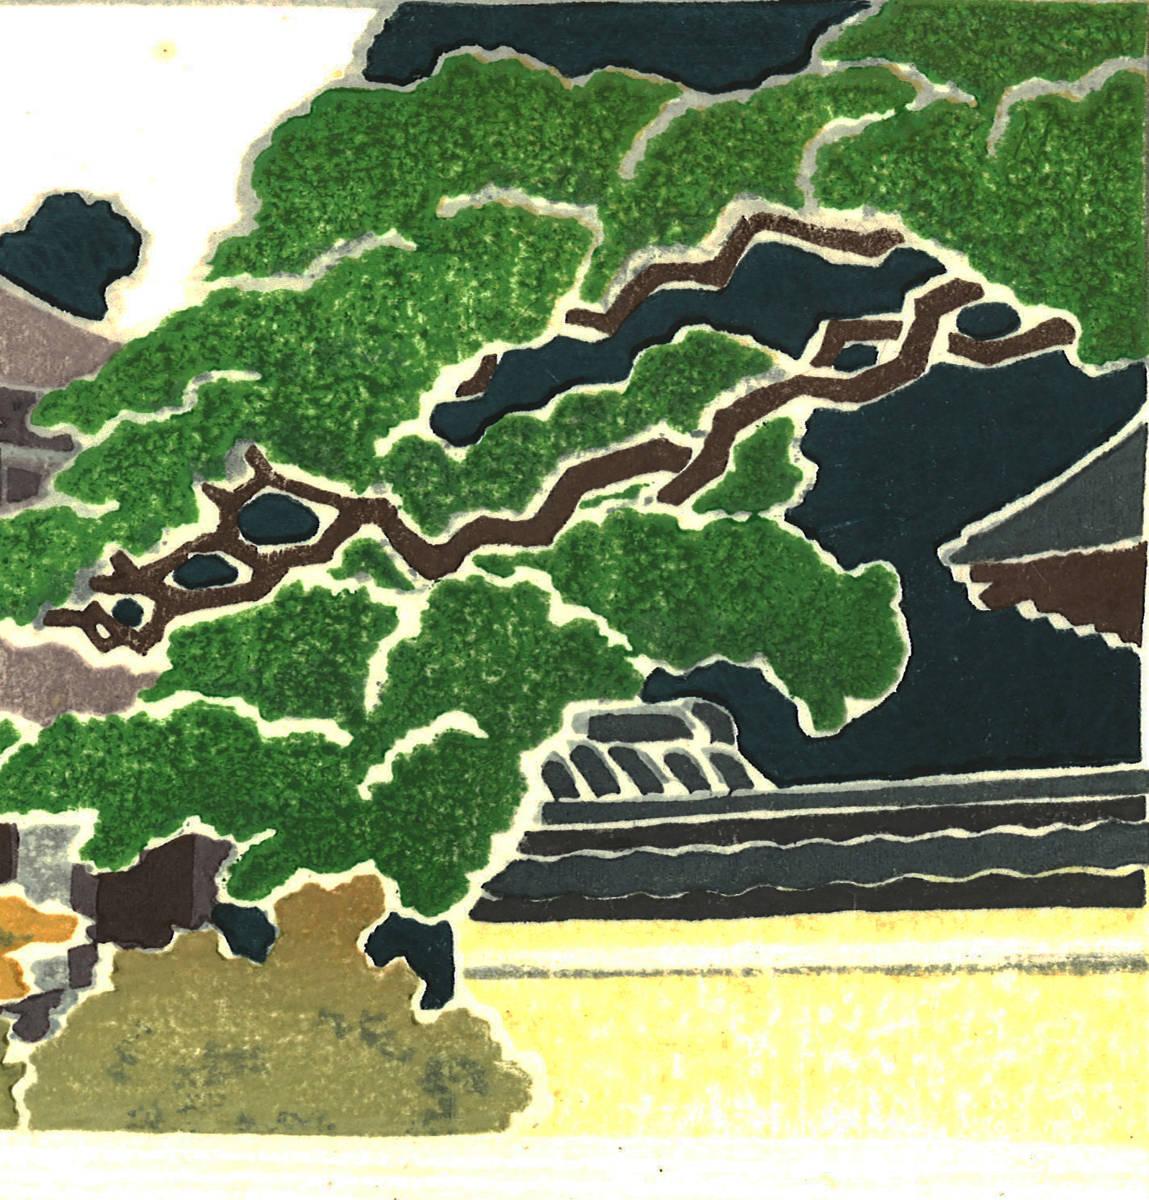 吉田遠志 木版画   016302 銀閣寺の庭  (Ginkakuji Garden)   初摺1963年  最高峰の摺師の技をご堪能下さい!!_画像10